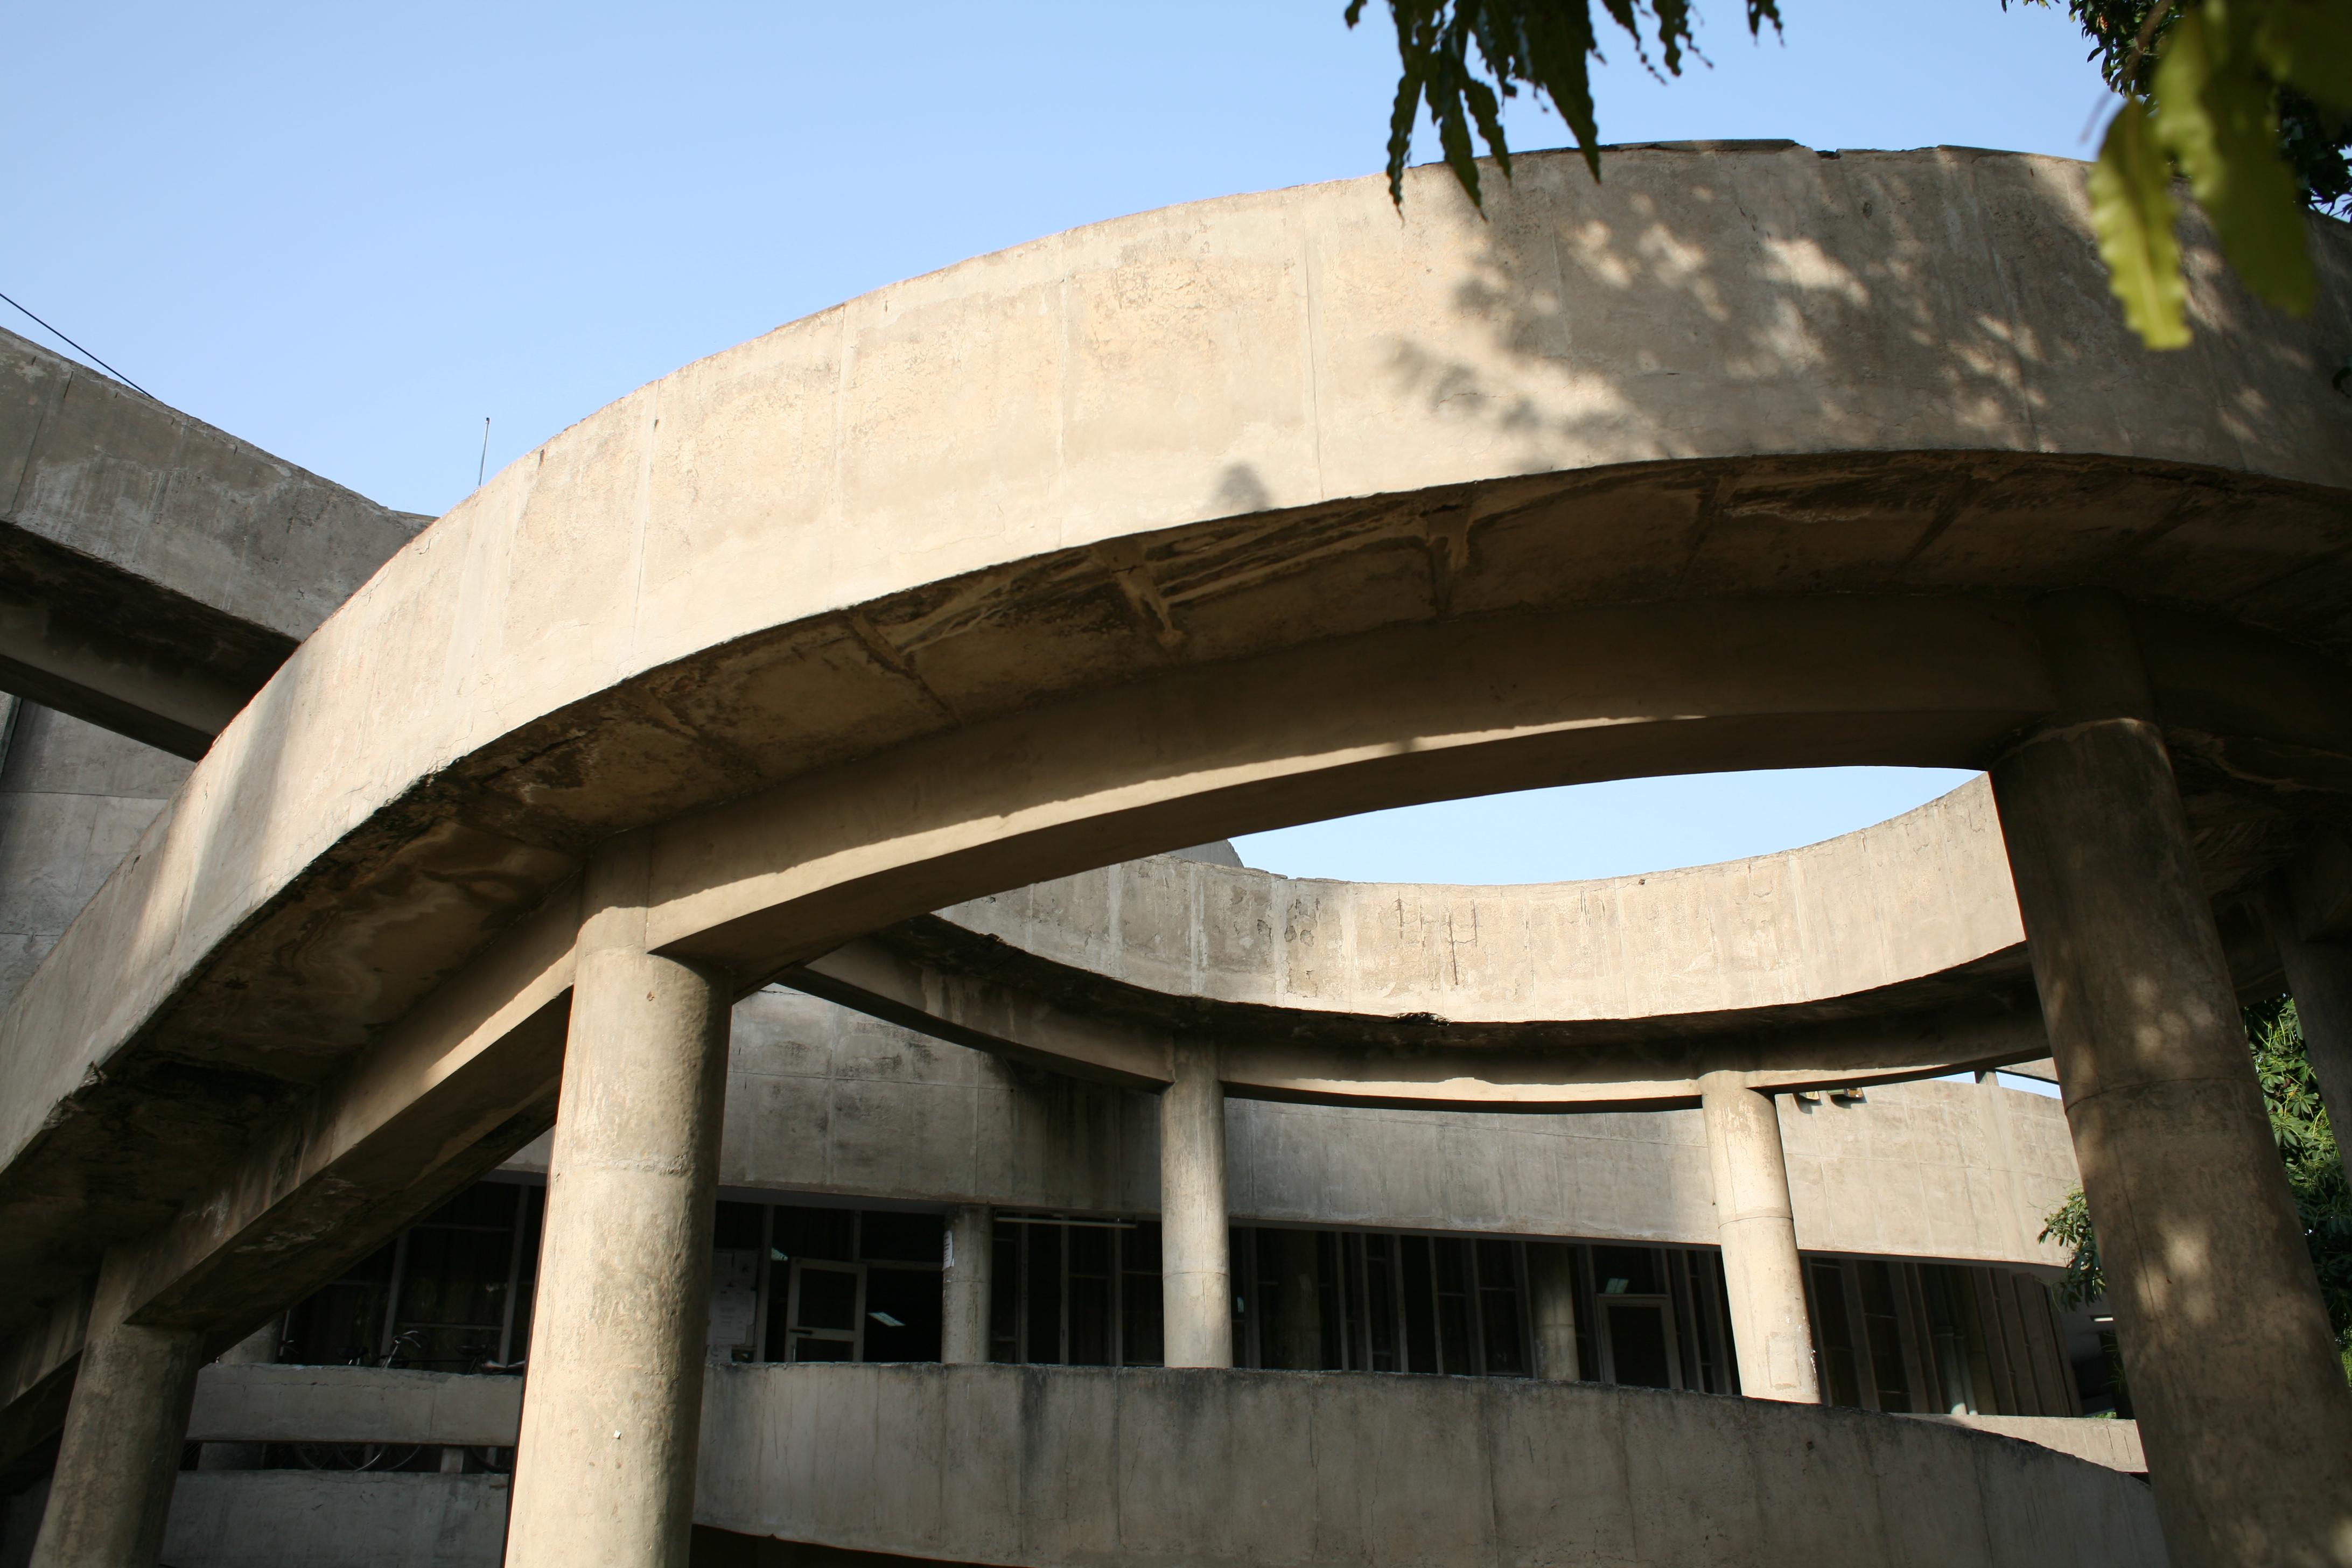 Chandigarh, India, 2011